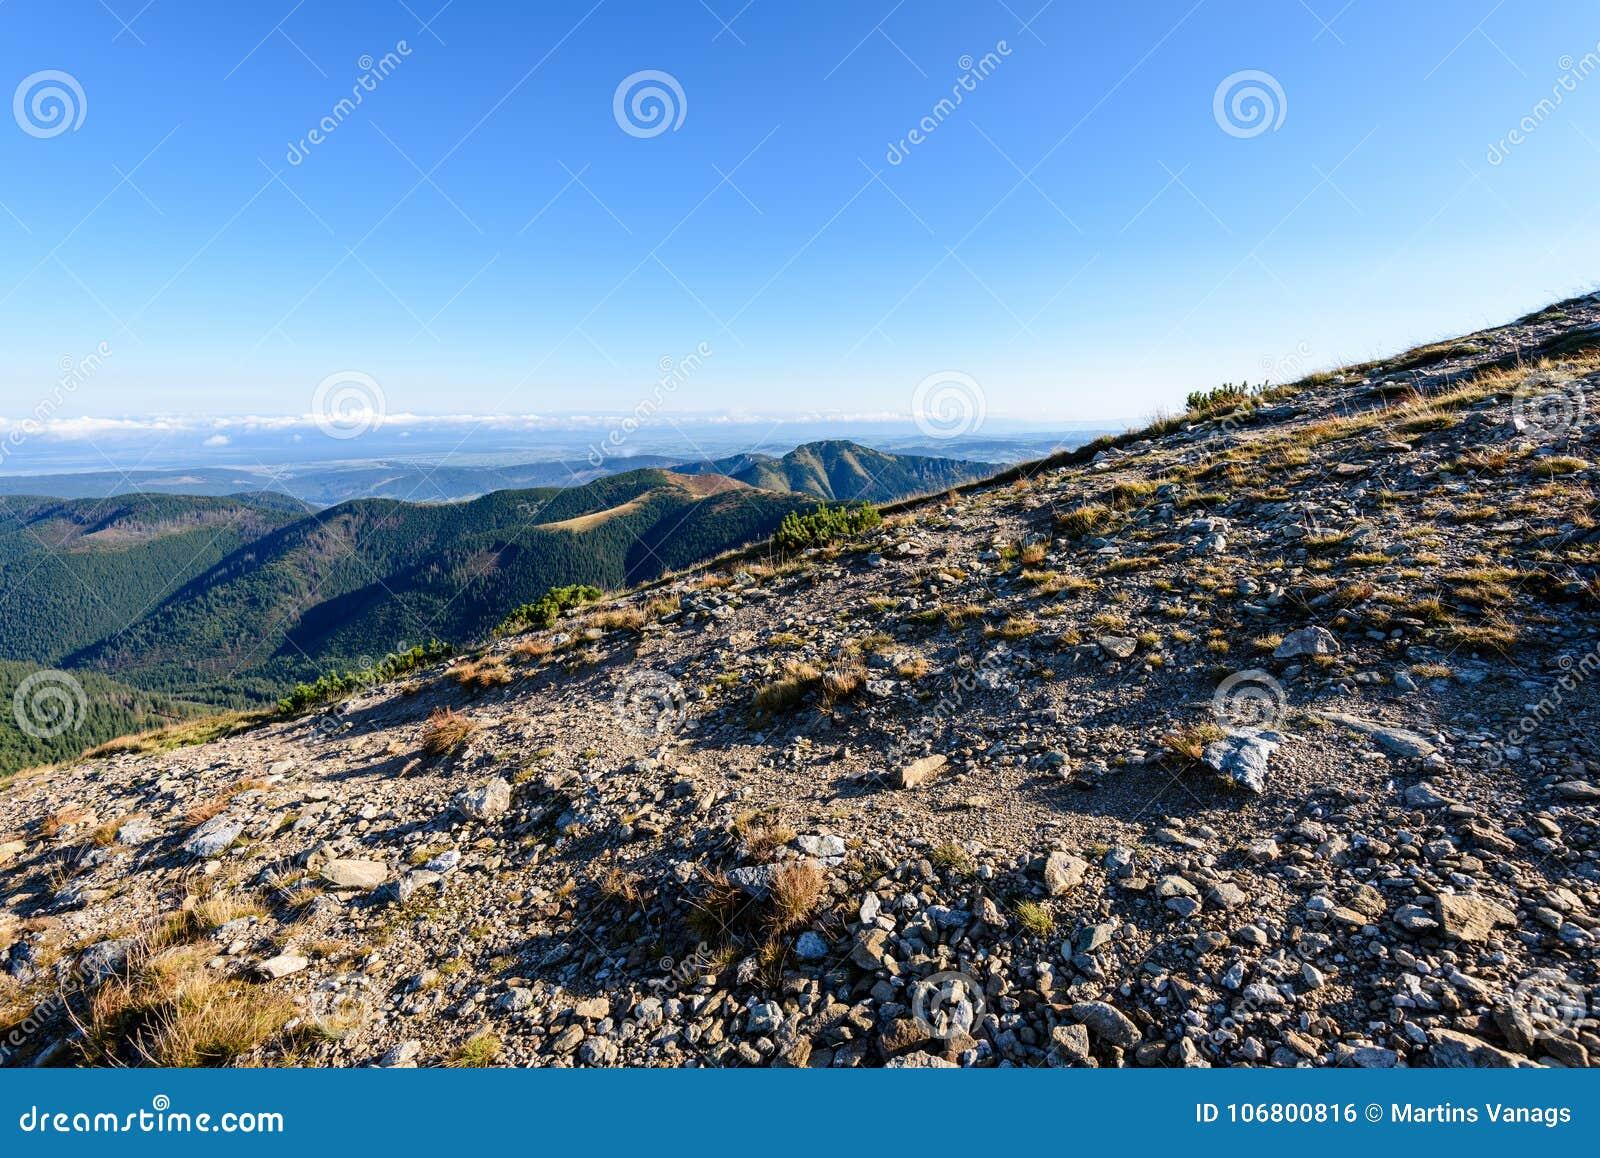 Download Slowakische Karpatenberge Im Herbst Sonnige Bergkuppen In Der Summe Stockfoto - Bild von sommer, steigen: 106800816